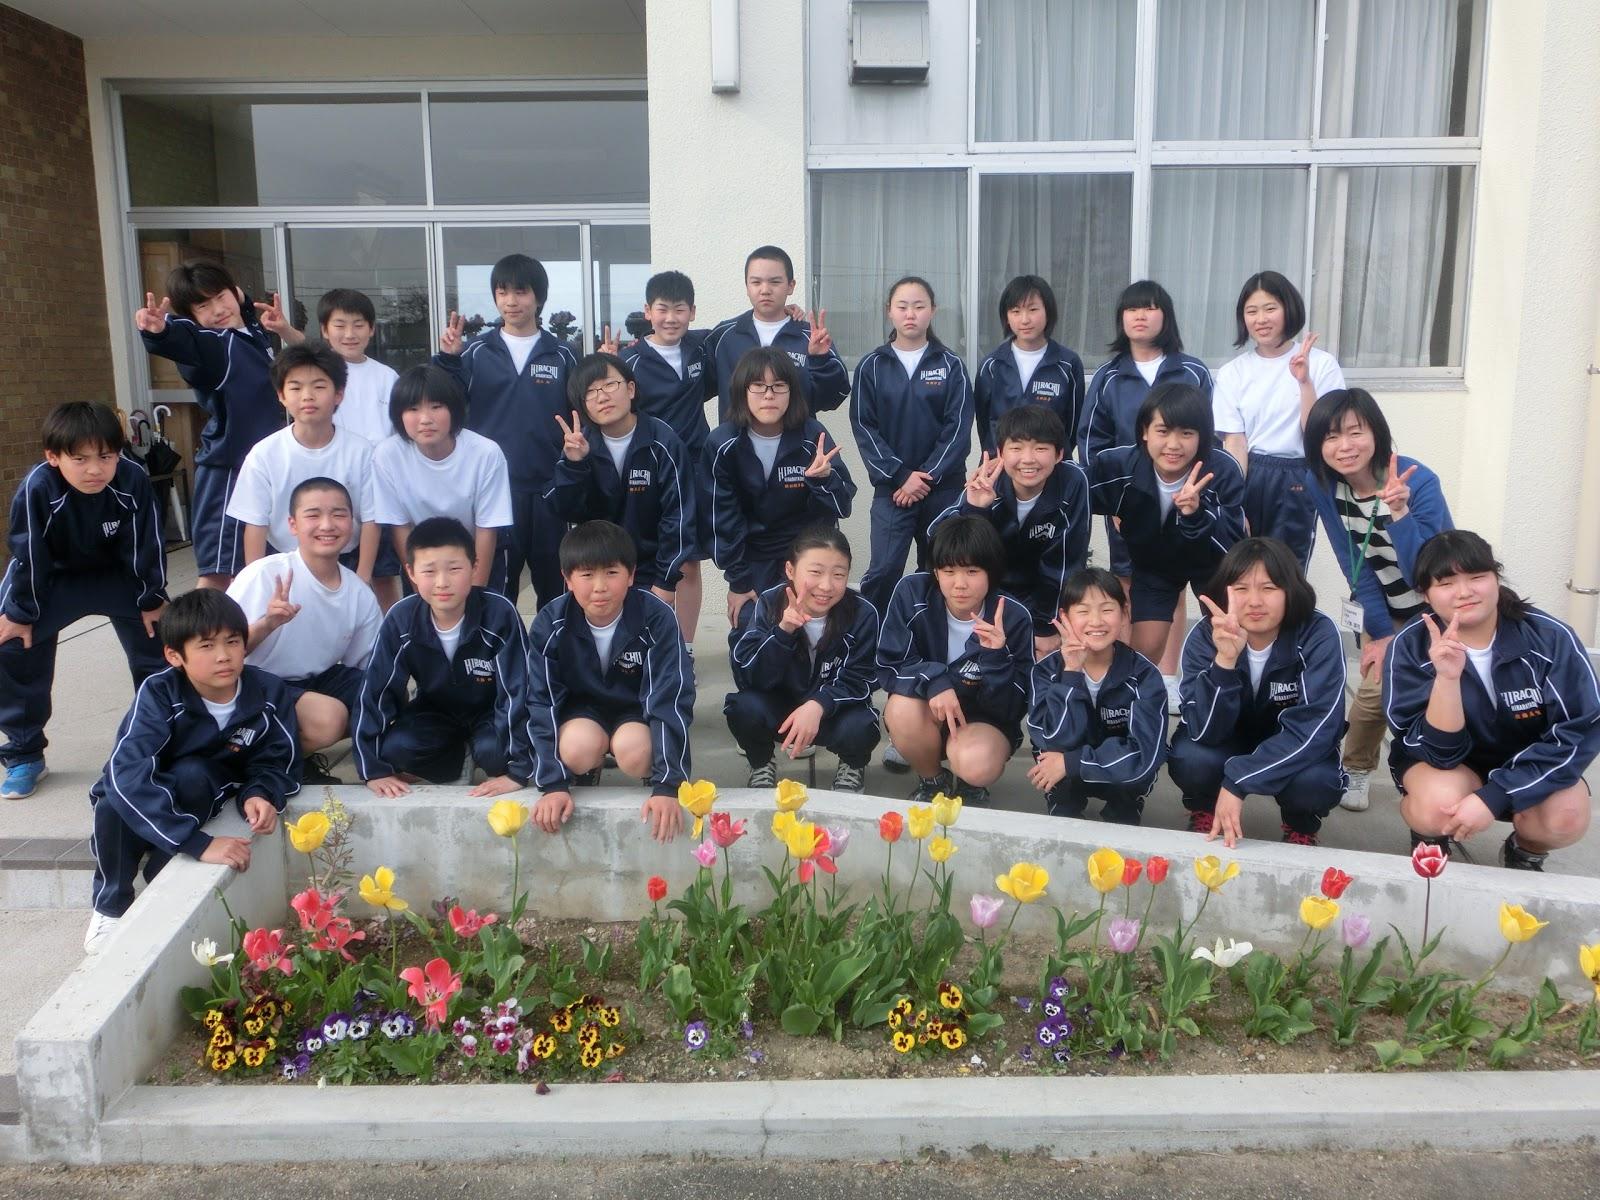 平林中学校の活動記録